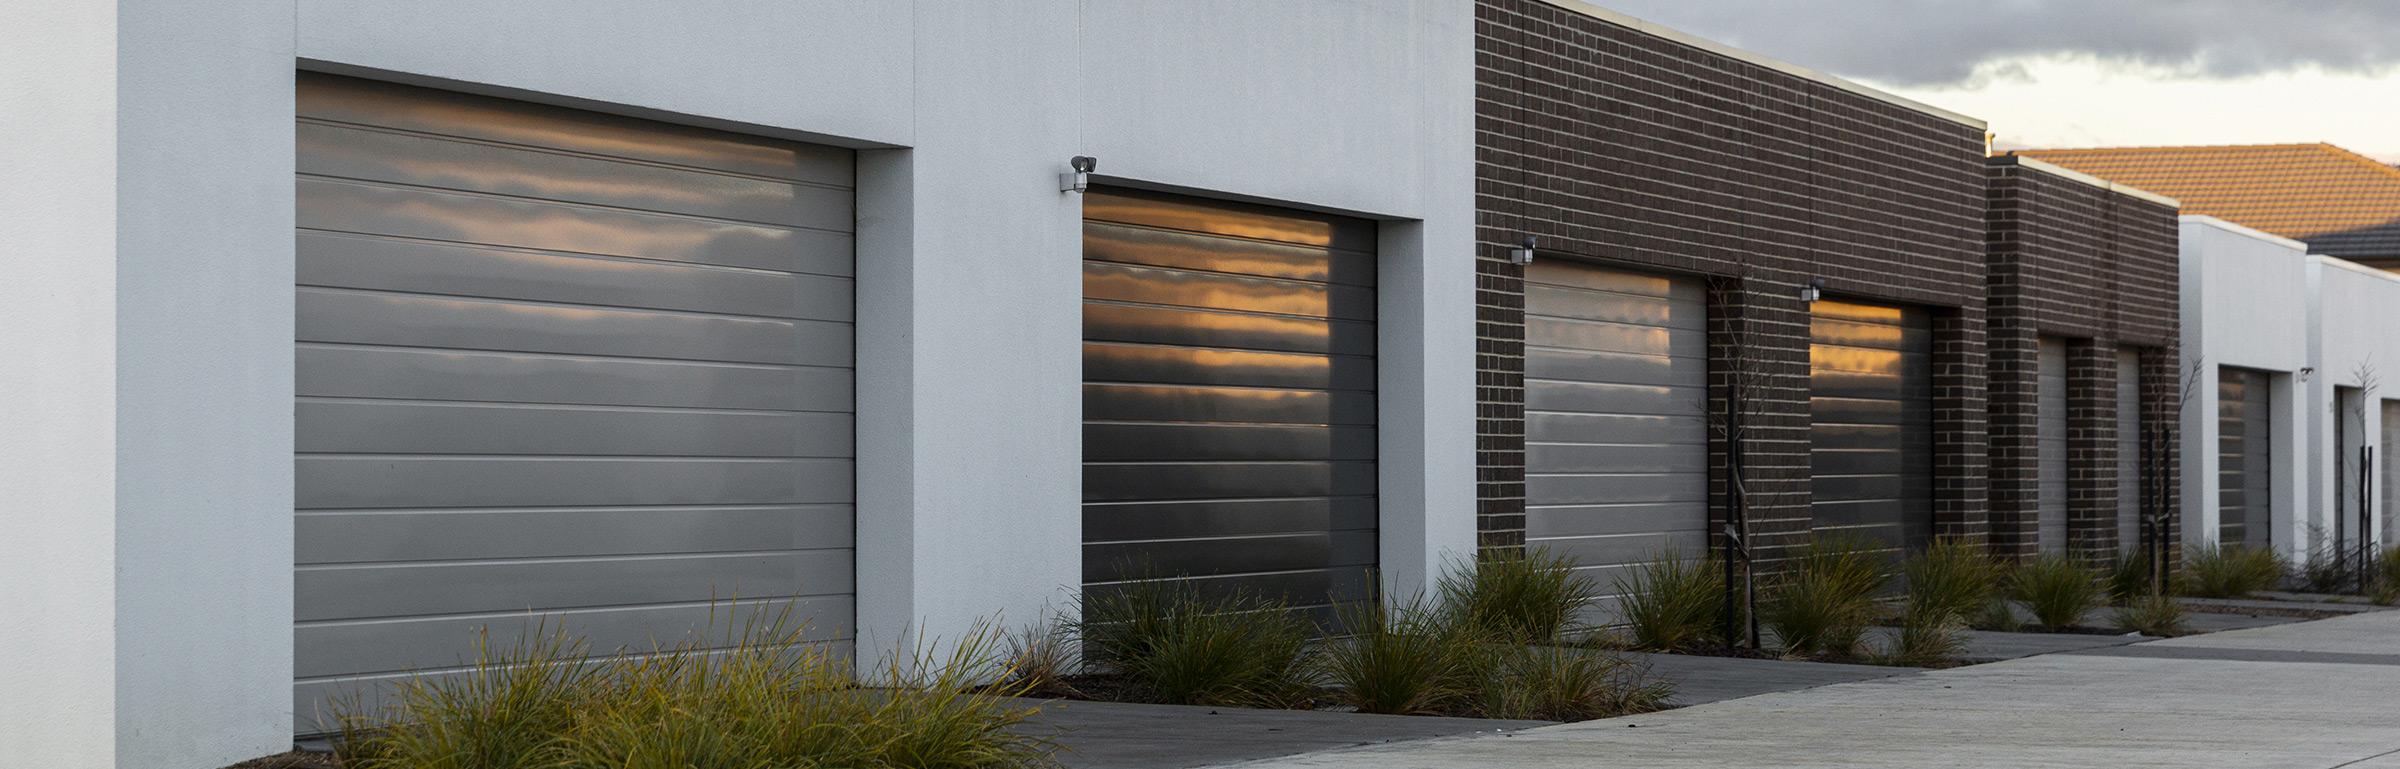 Roller shutter doors in shades of grey